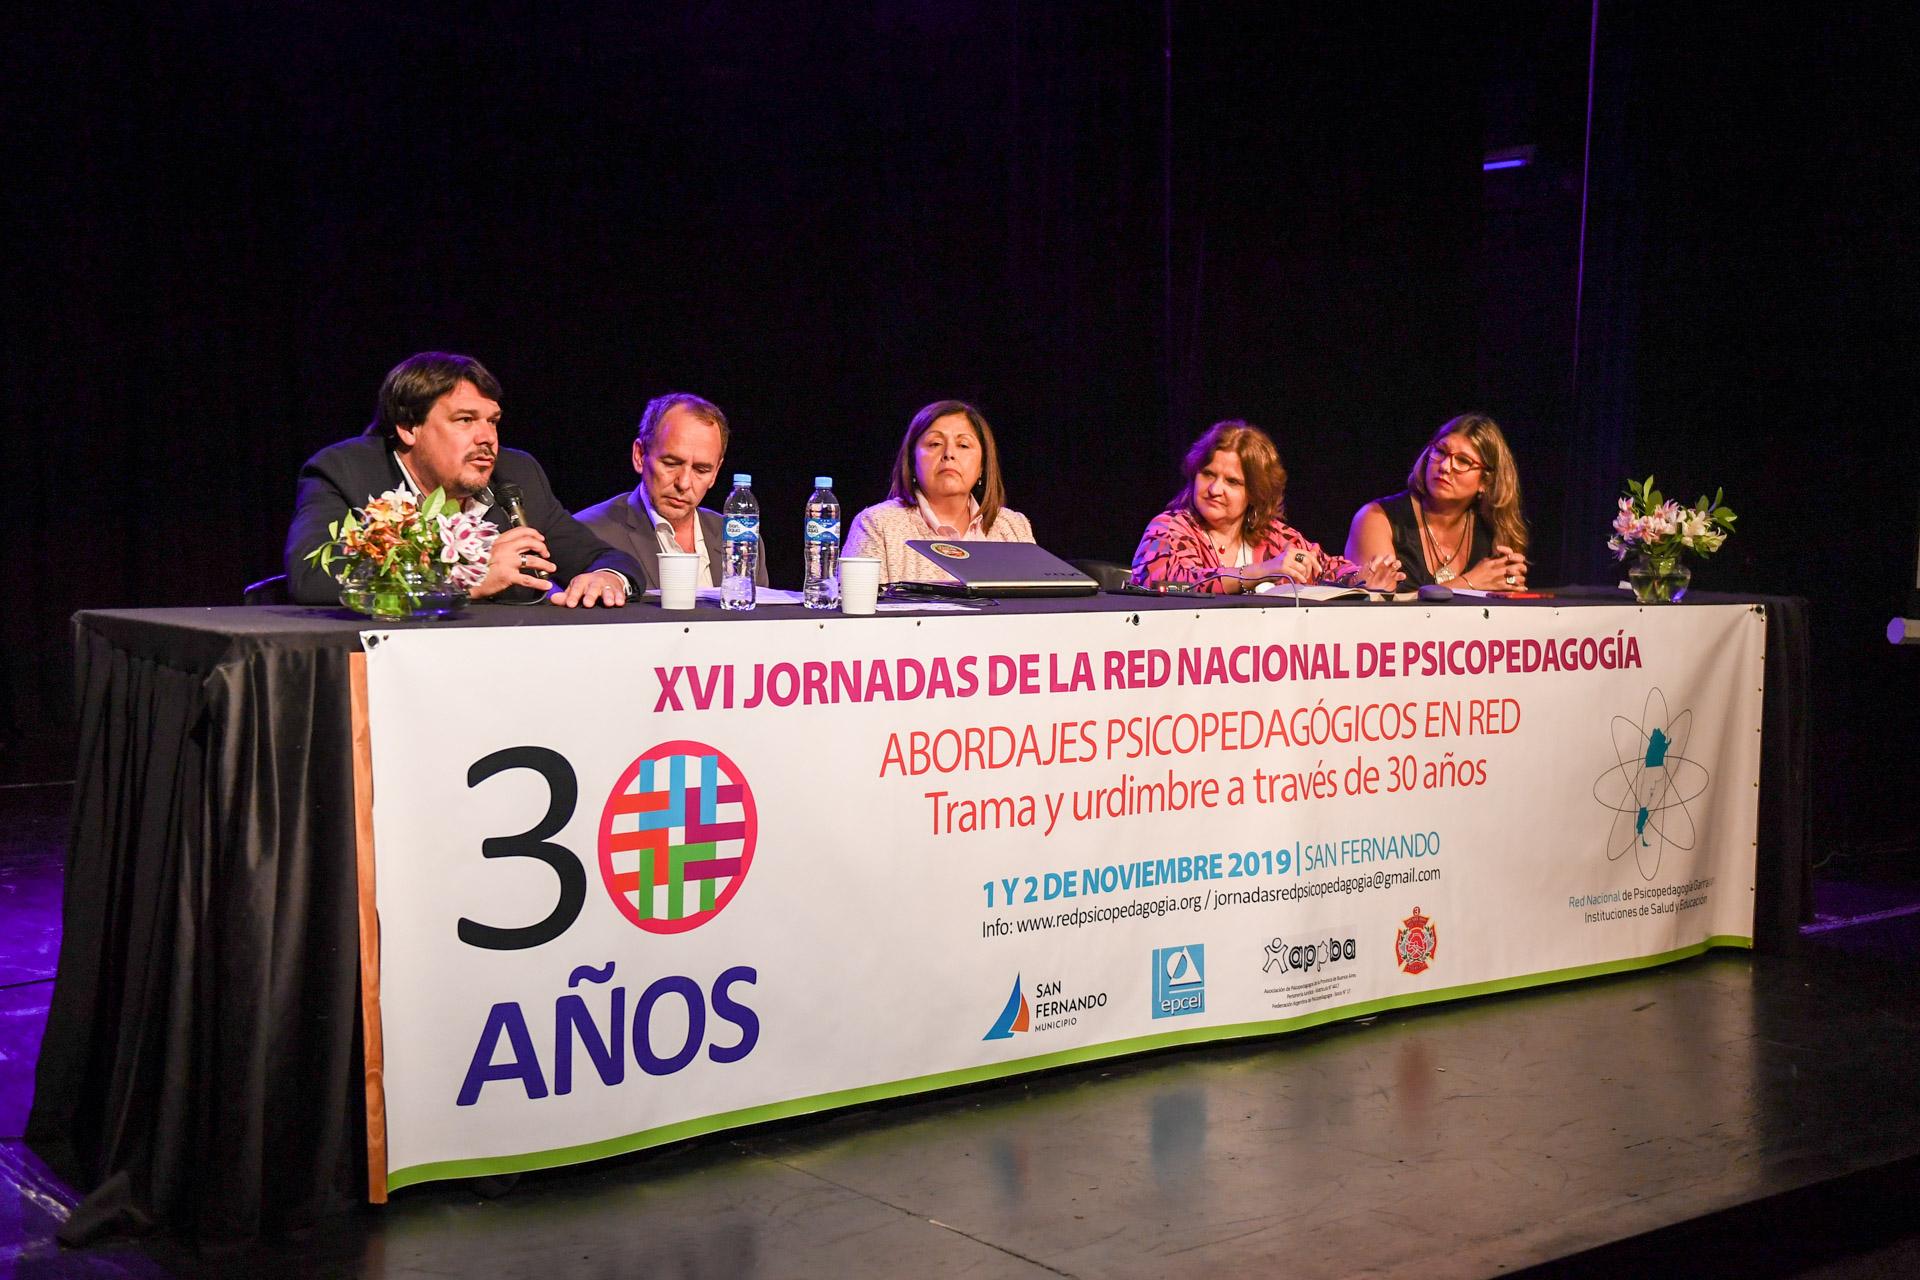 San Fernando es sede de la XVI Jornada de la Red Nacional de Psicopedagogía en su 30º aniversario